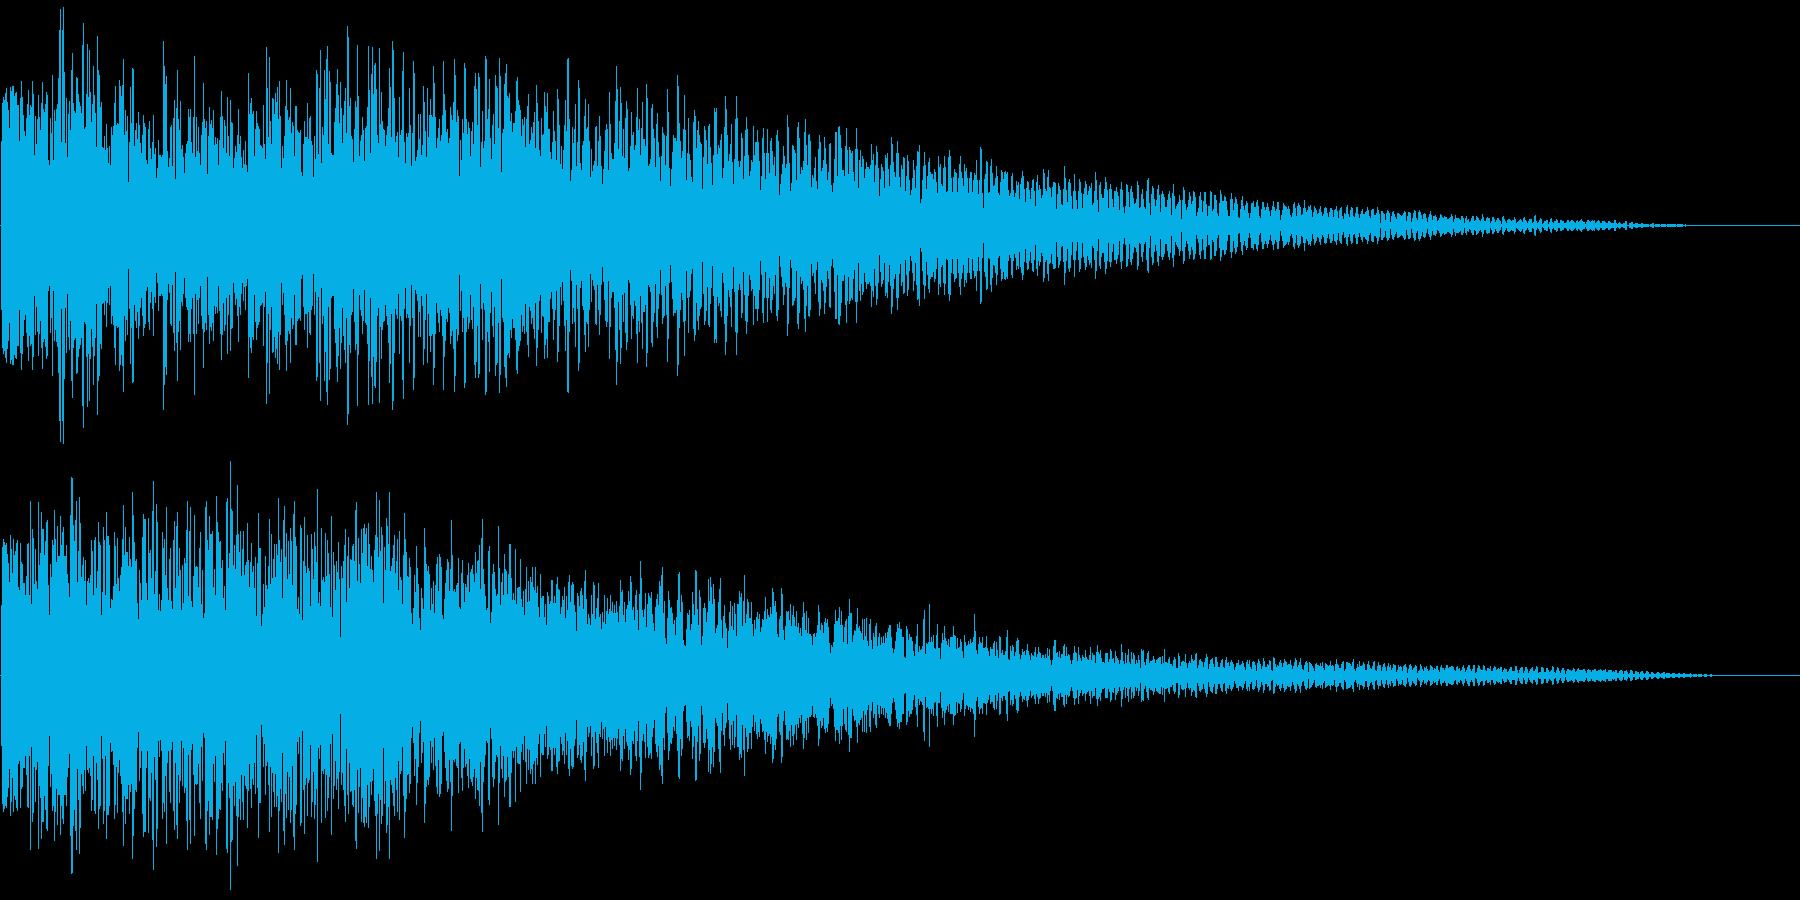 【ゲーム演出】衝撃音 ズドーンッ!の再生済みの波形